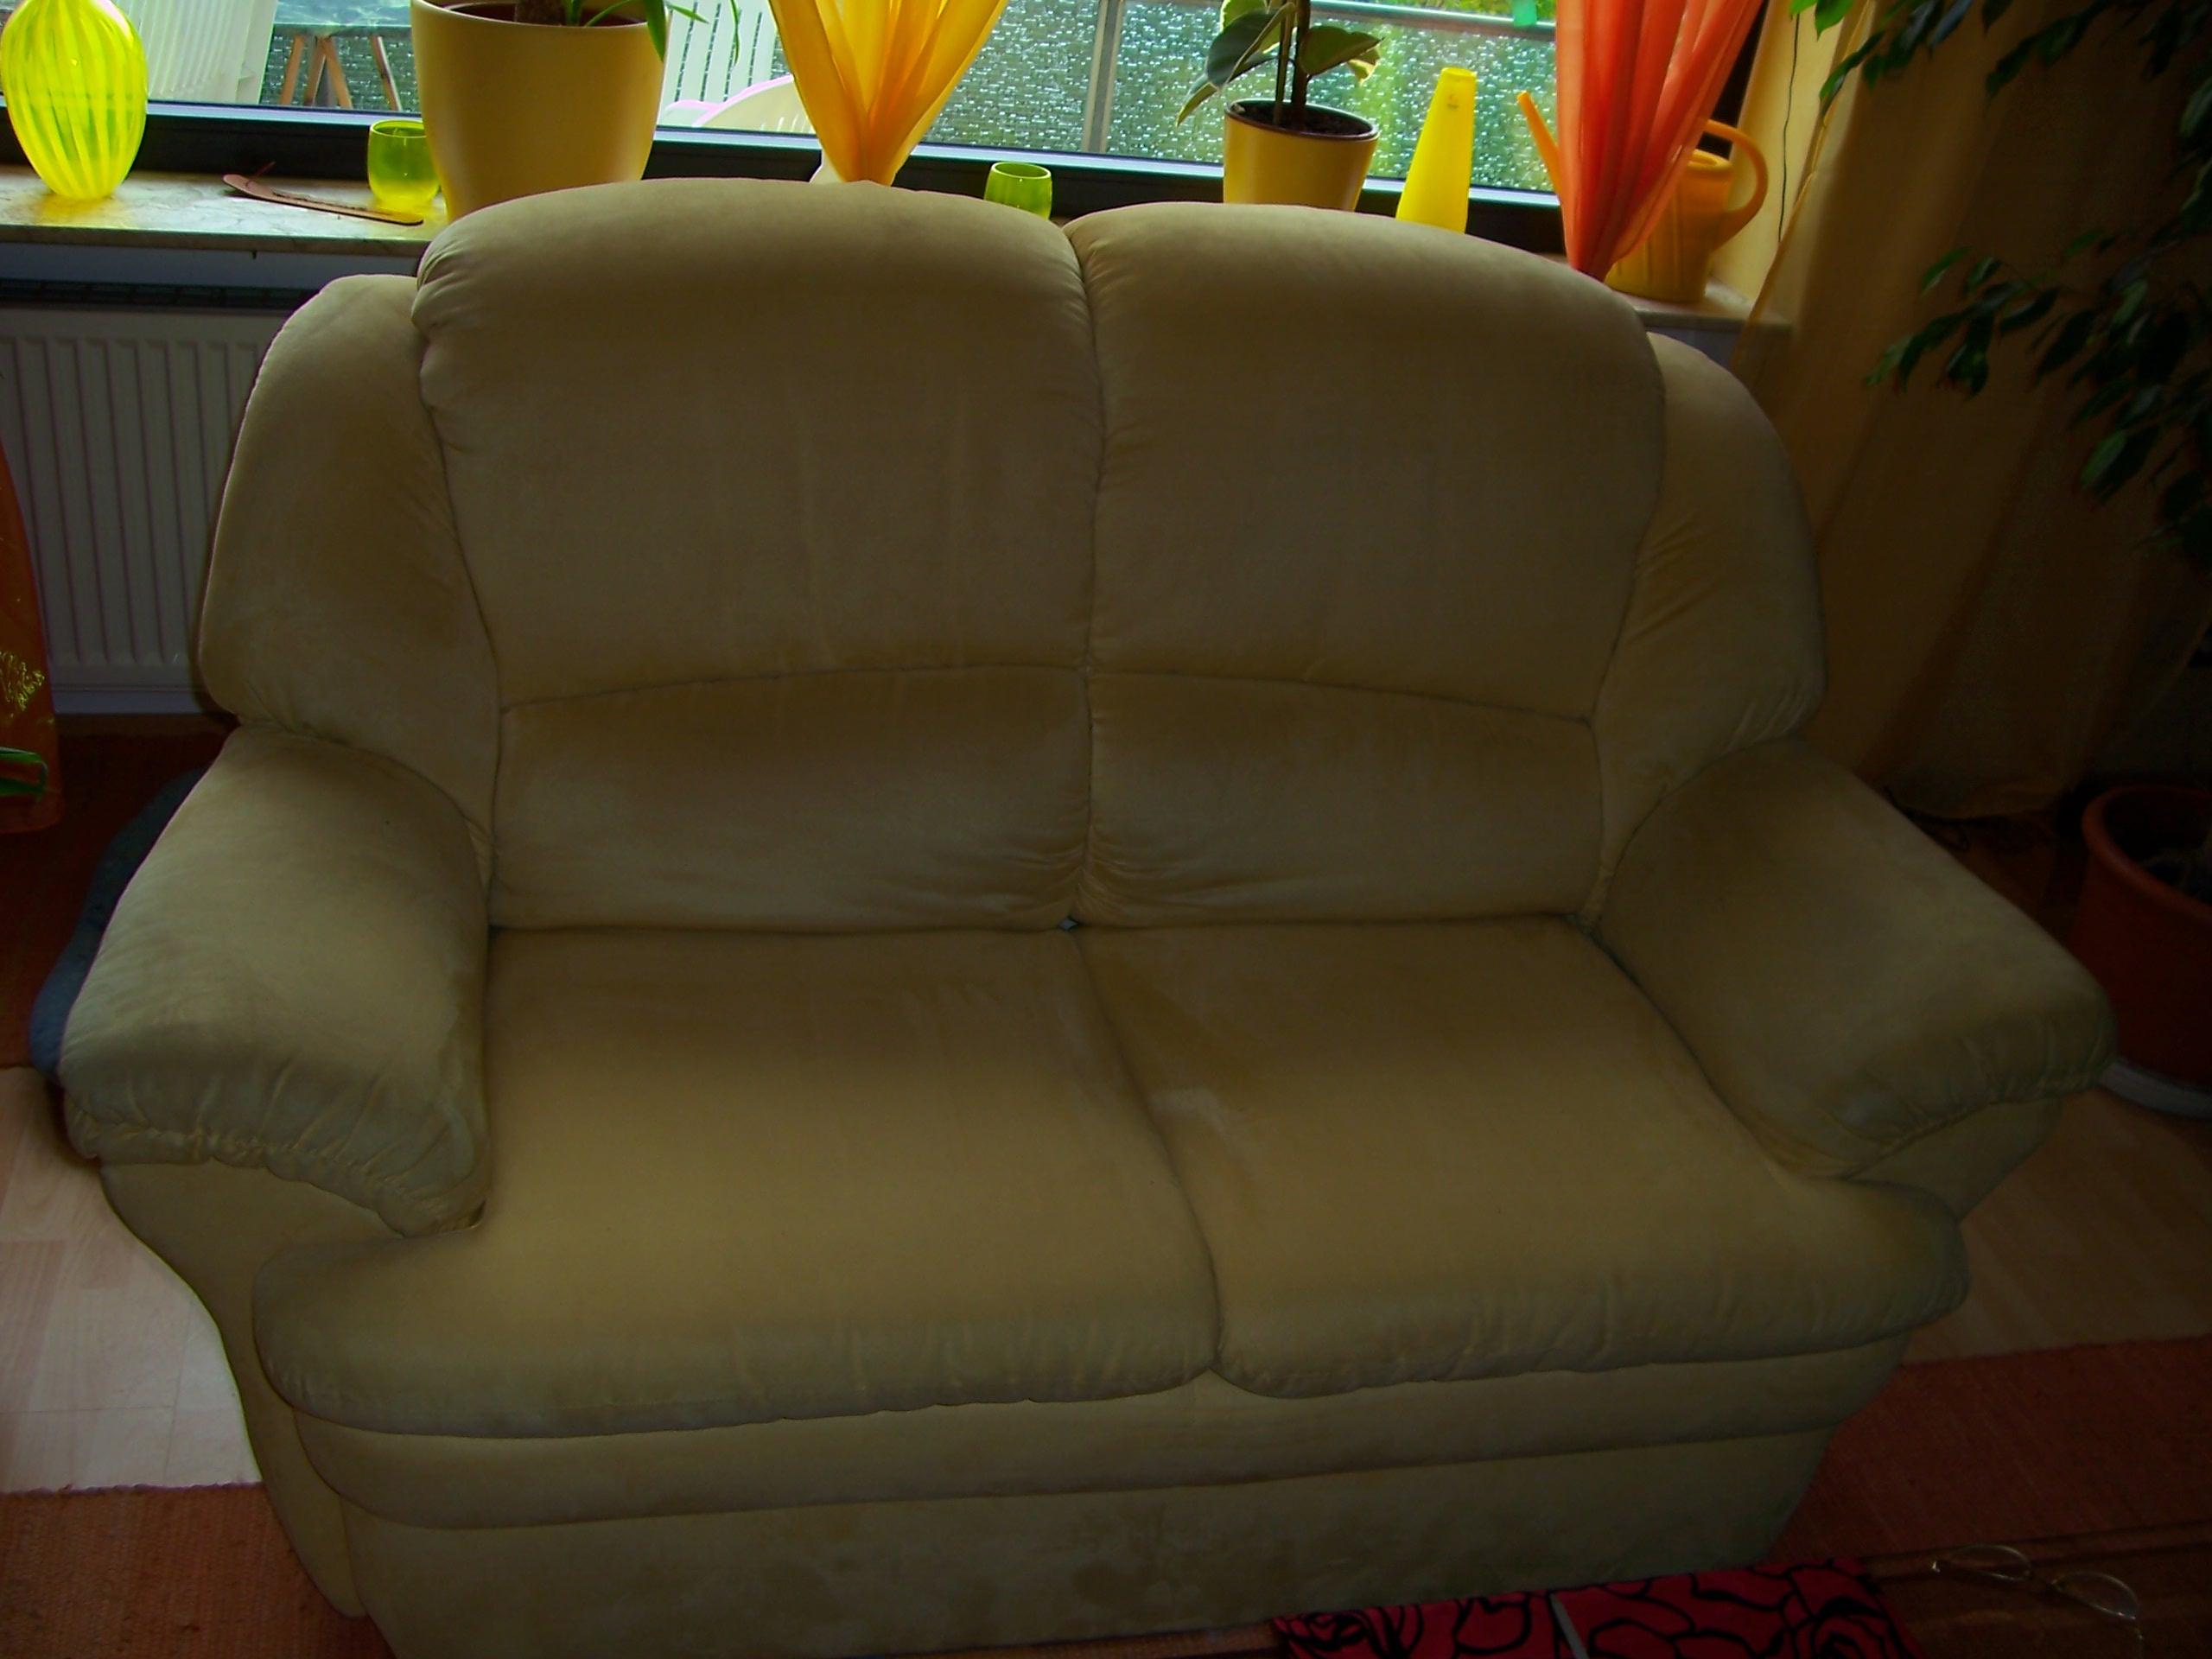 Polster sessel couch kleinanzeigen seite 6 Lederpflegemittel sofa